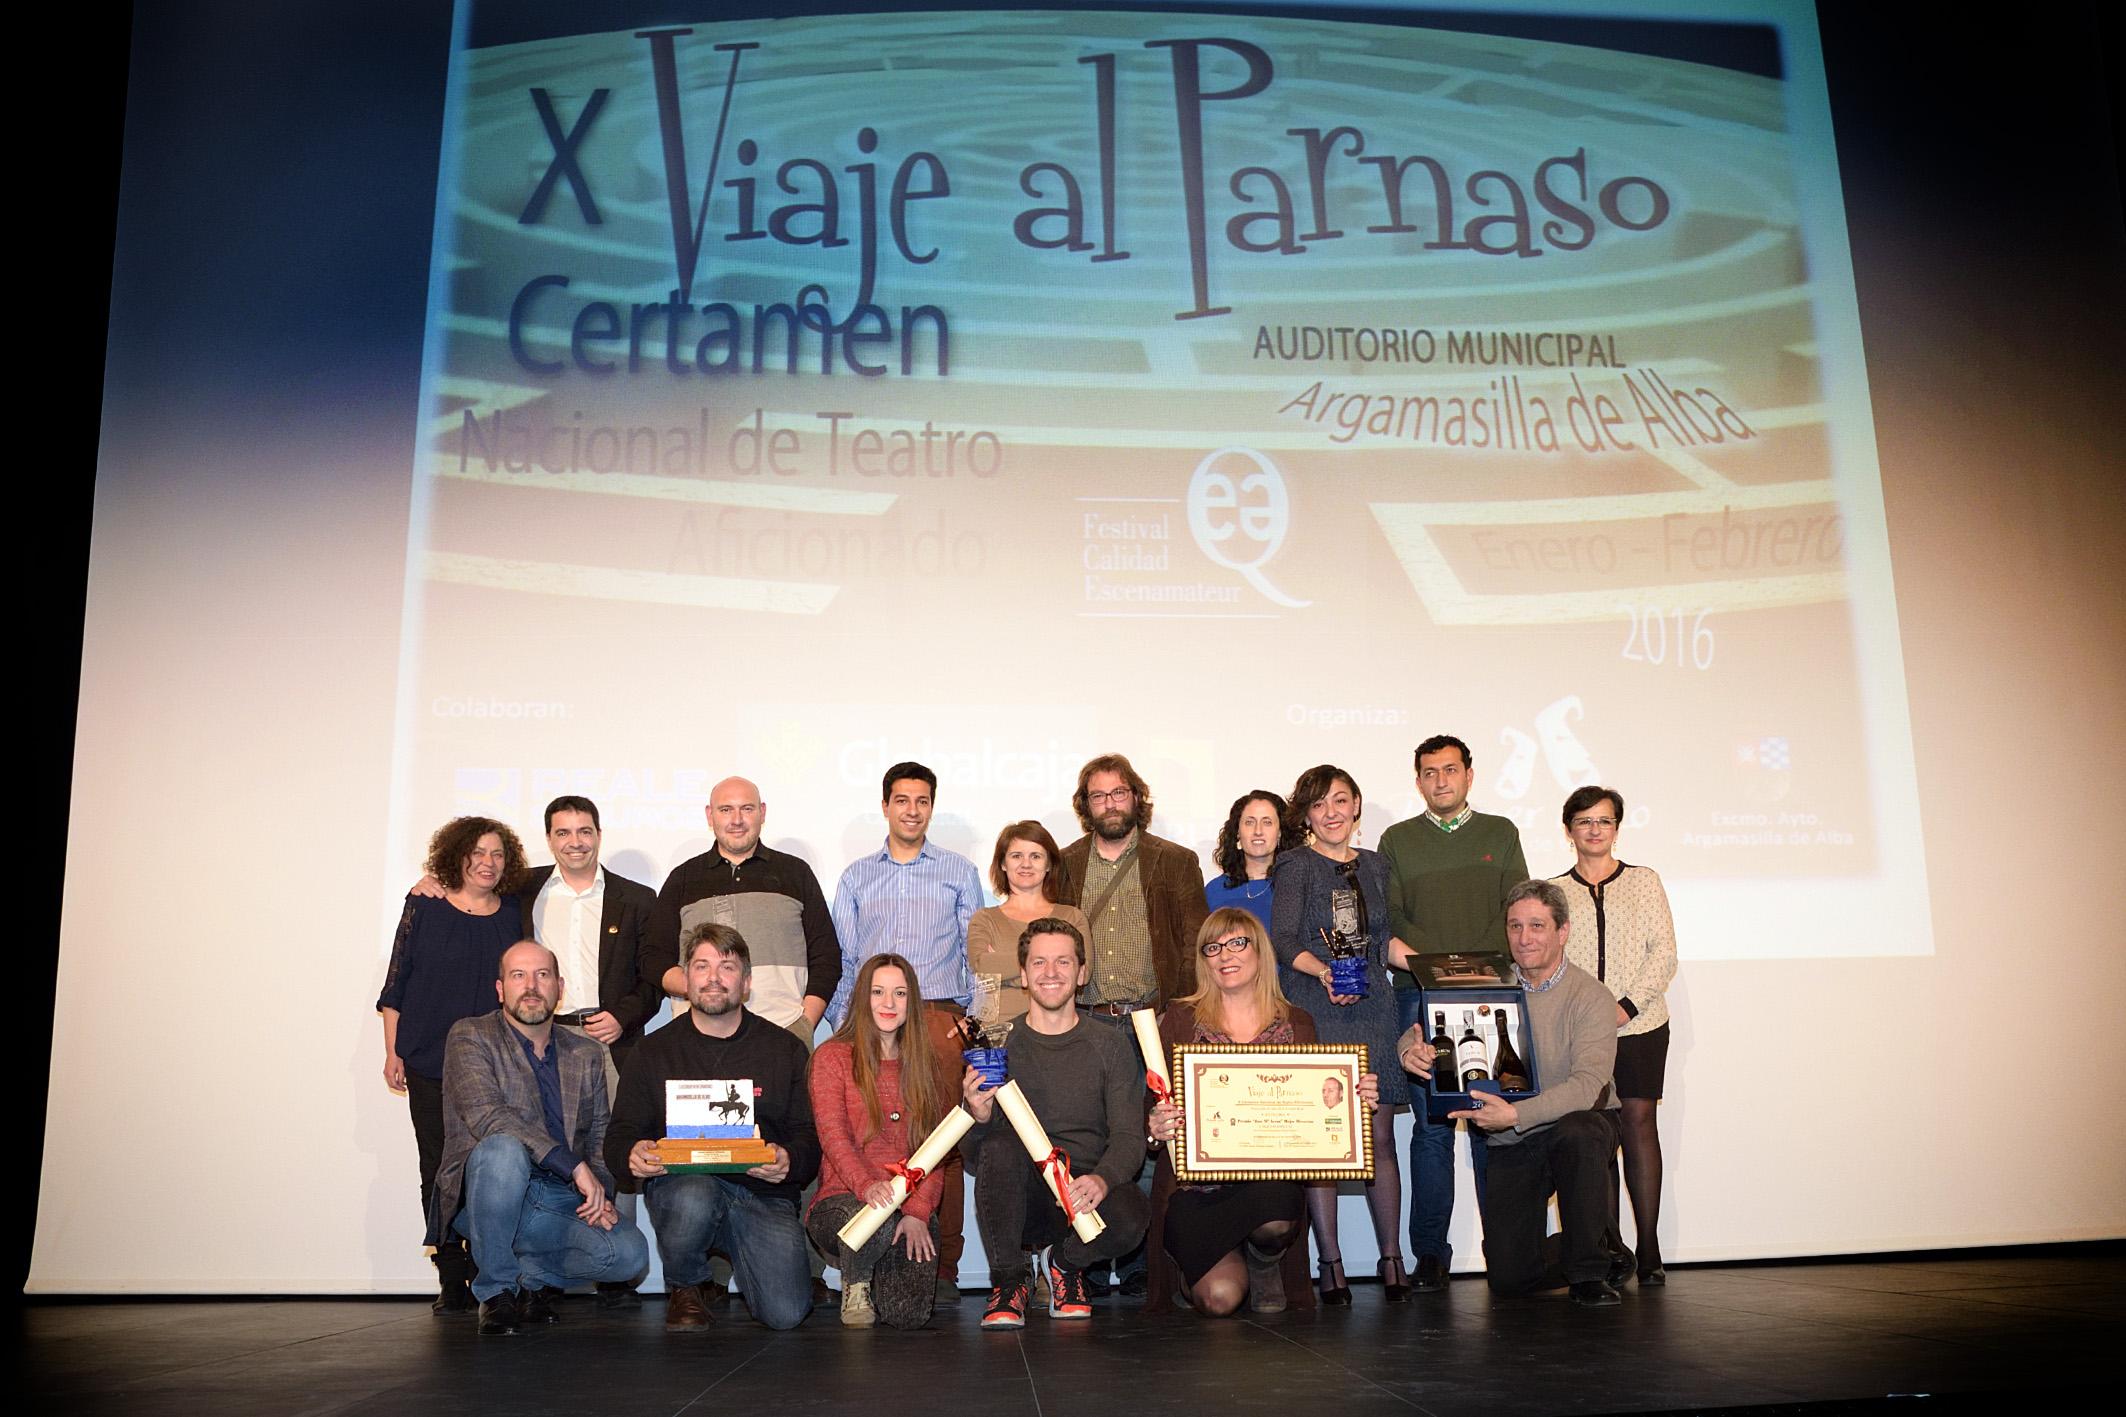 La compañía valenciana Carabau se hace con el primer premio del Viaje al Parnaso con 'Dakota 2.0'